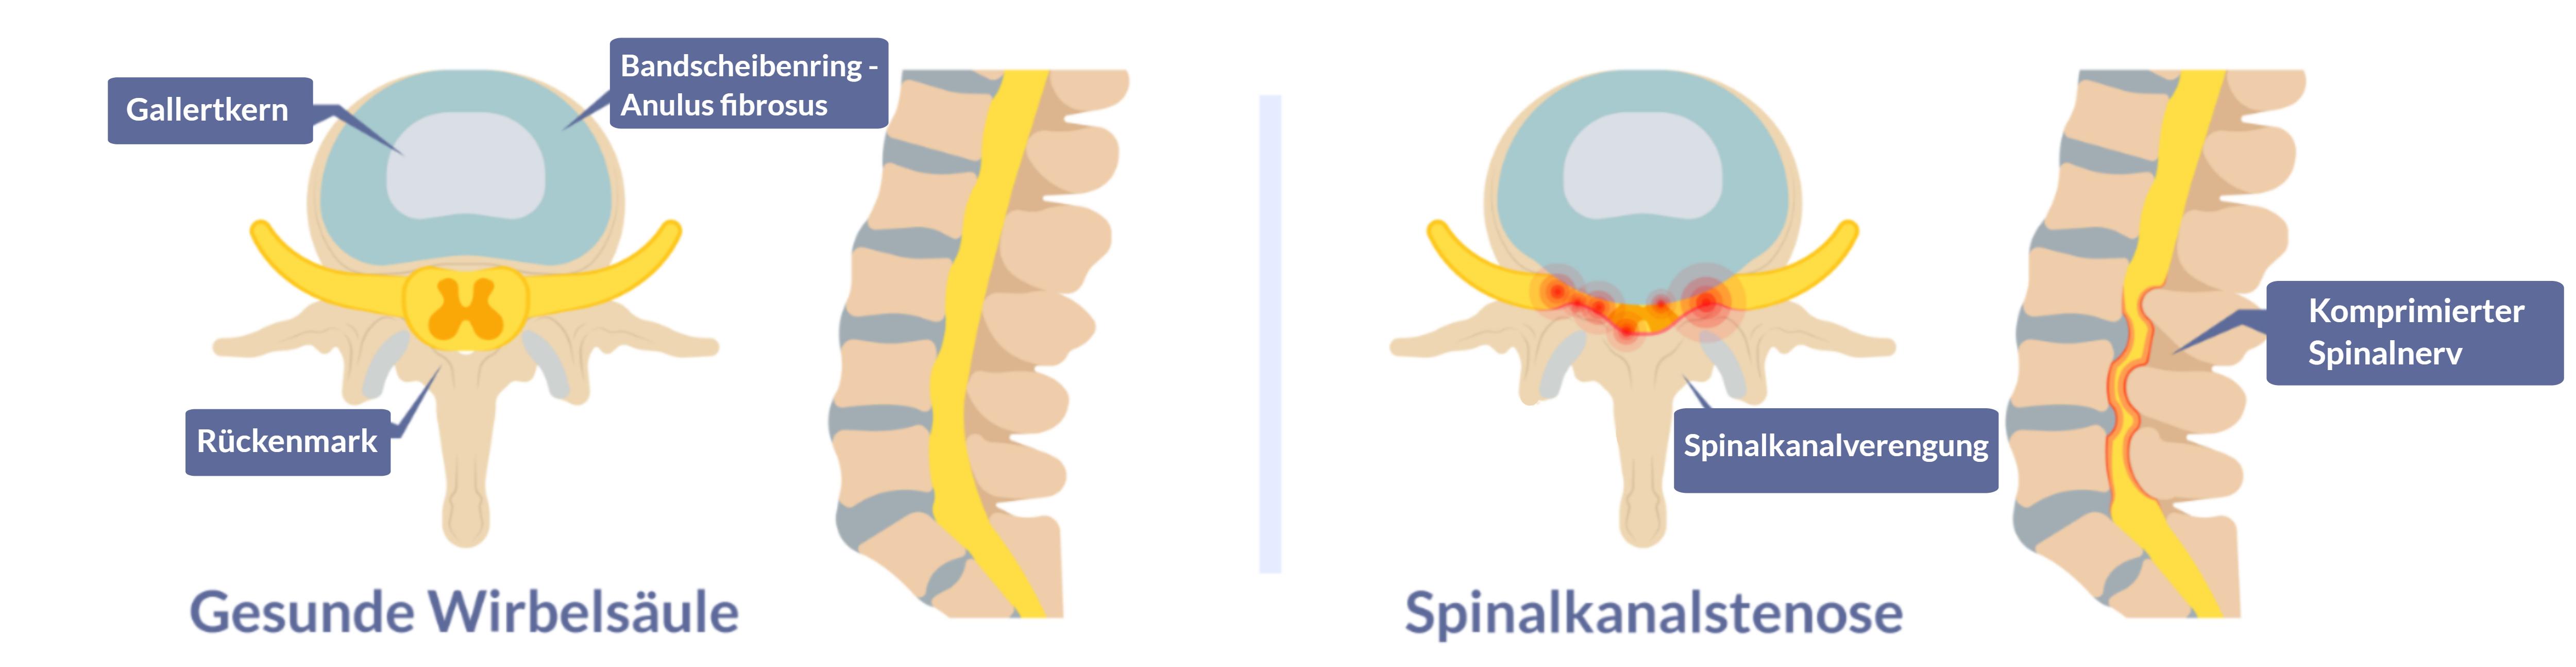 Eine 3D Darstellung mit Spinalstenose eine Verengung der Wirbelsäulenräume, die Schmerzen im unteren Rückenbereich verursacht